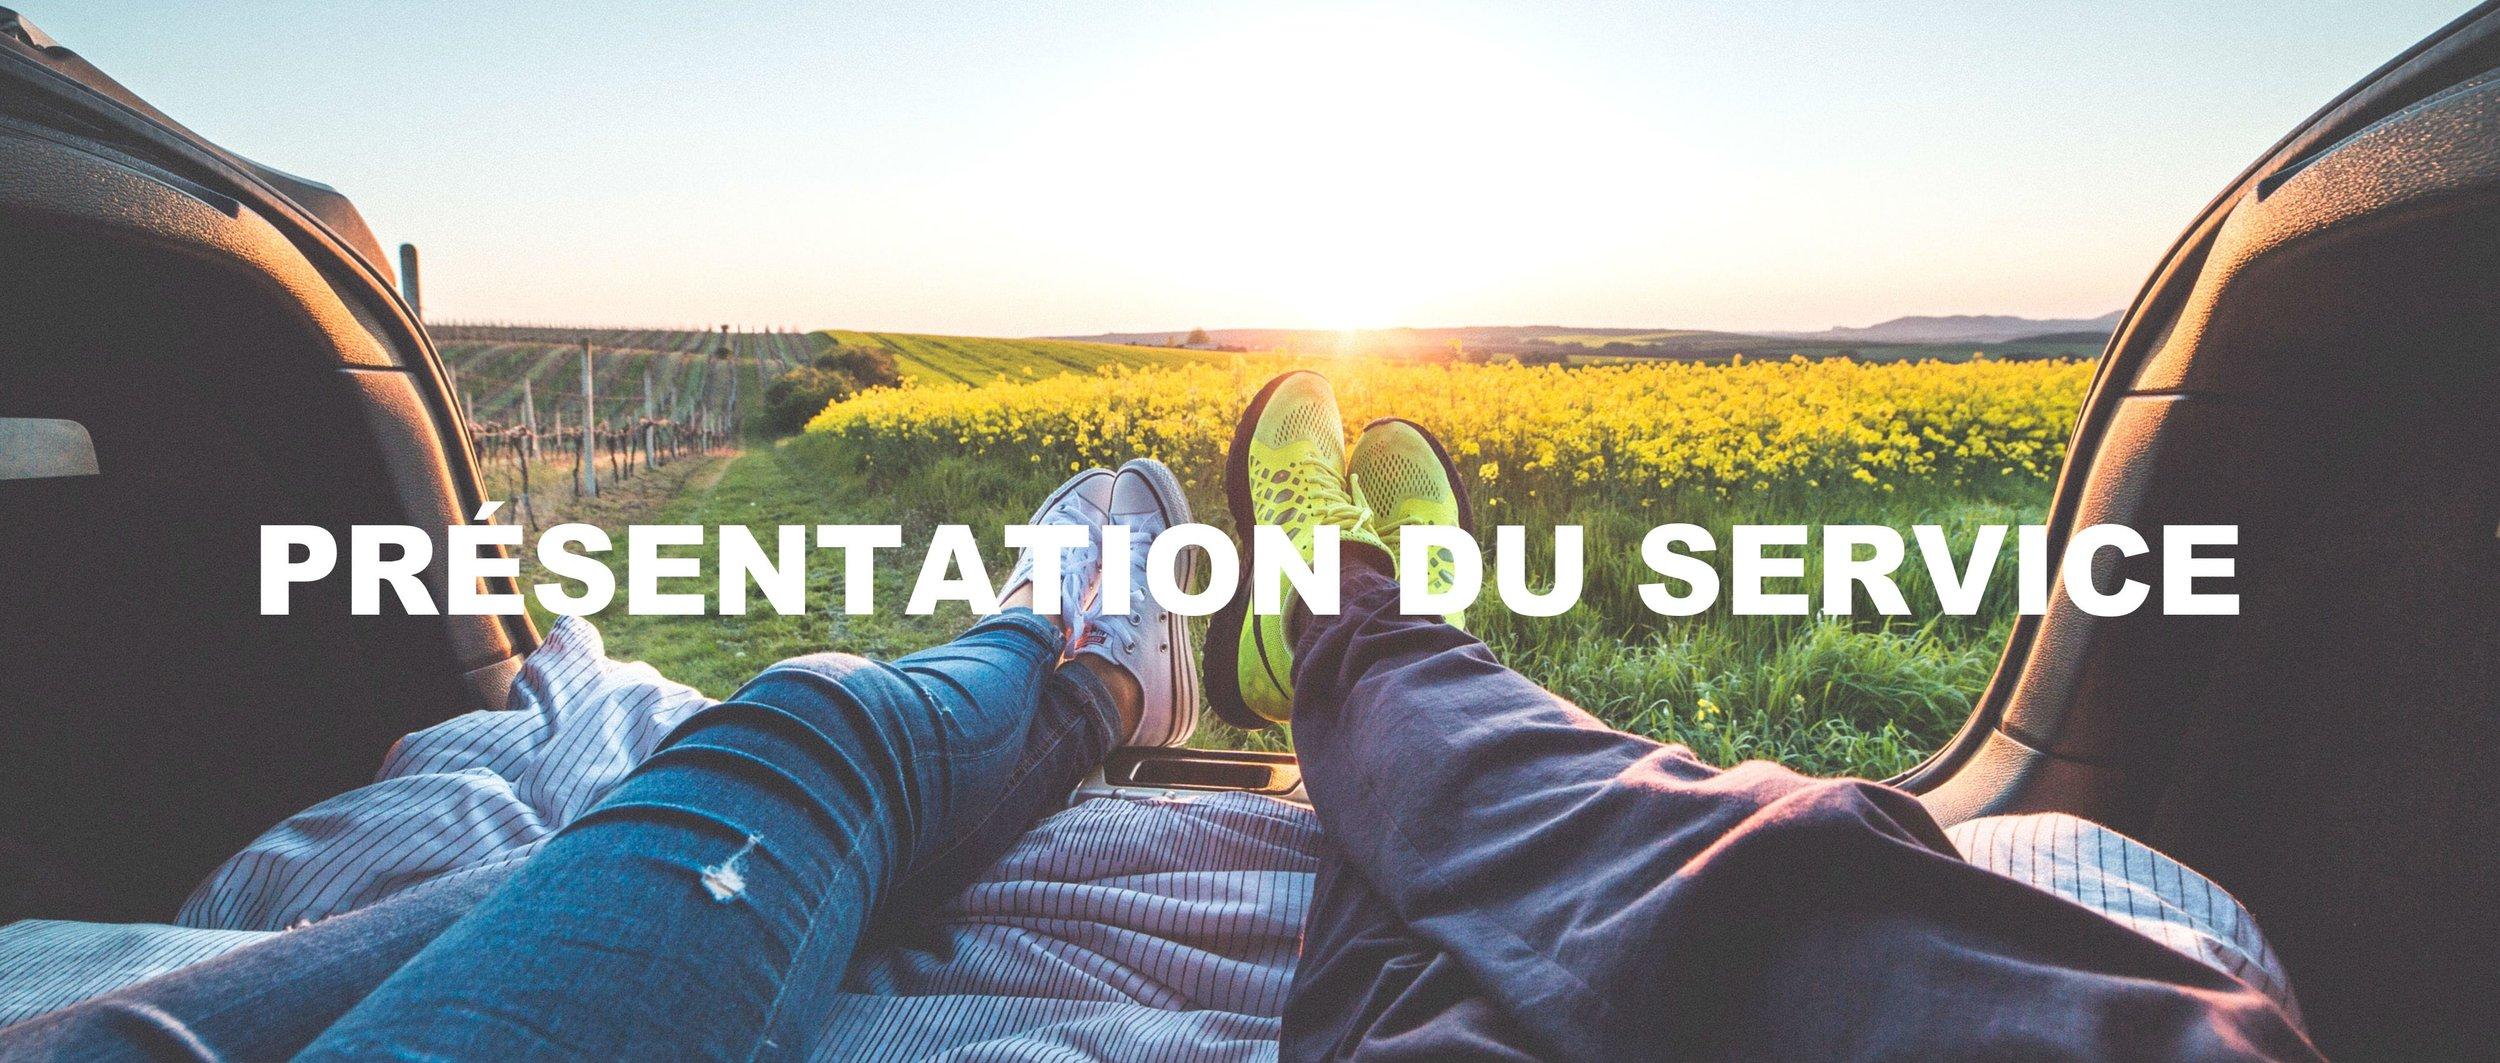 Couv_PrésentationDuService_The_Good_Car_Conseil_Recherche_Vérification_Négociation_Voiture.jpg